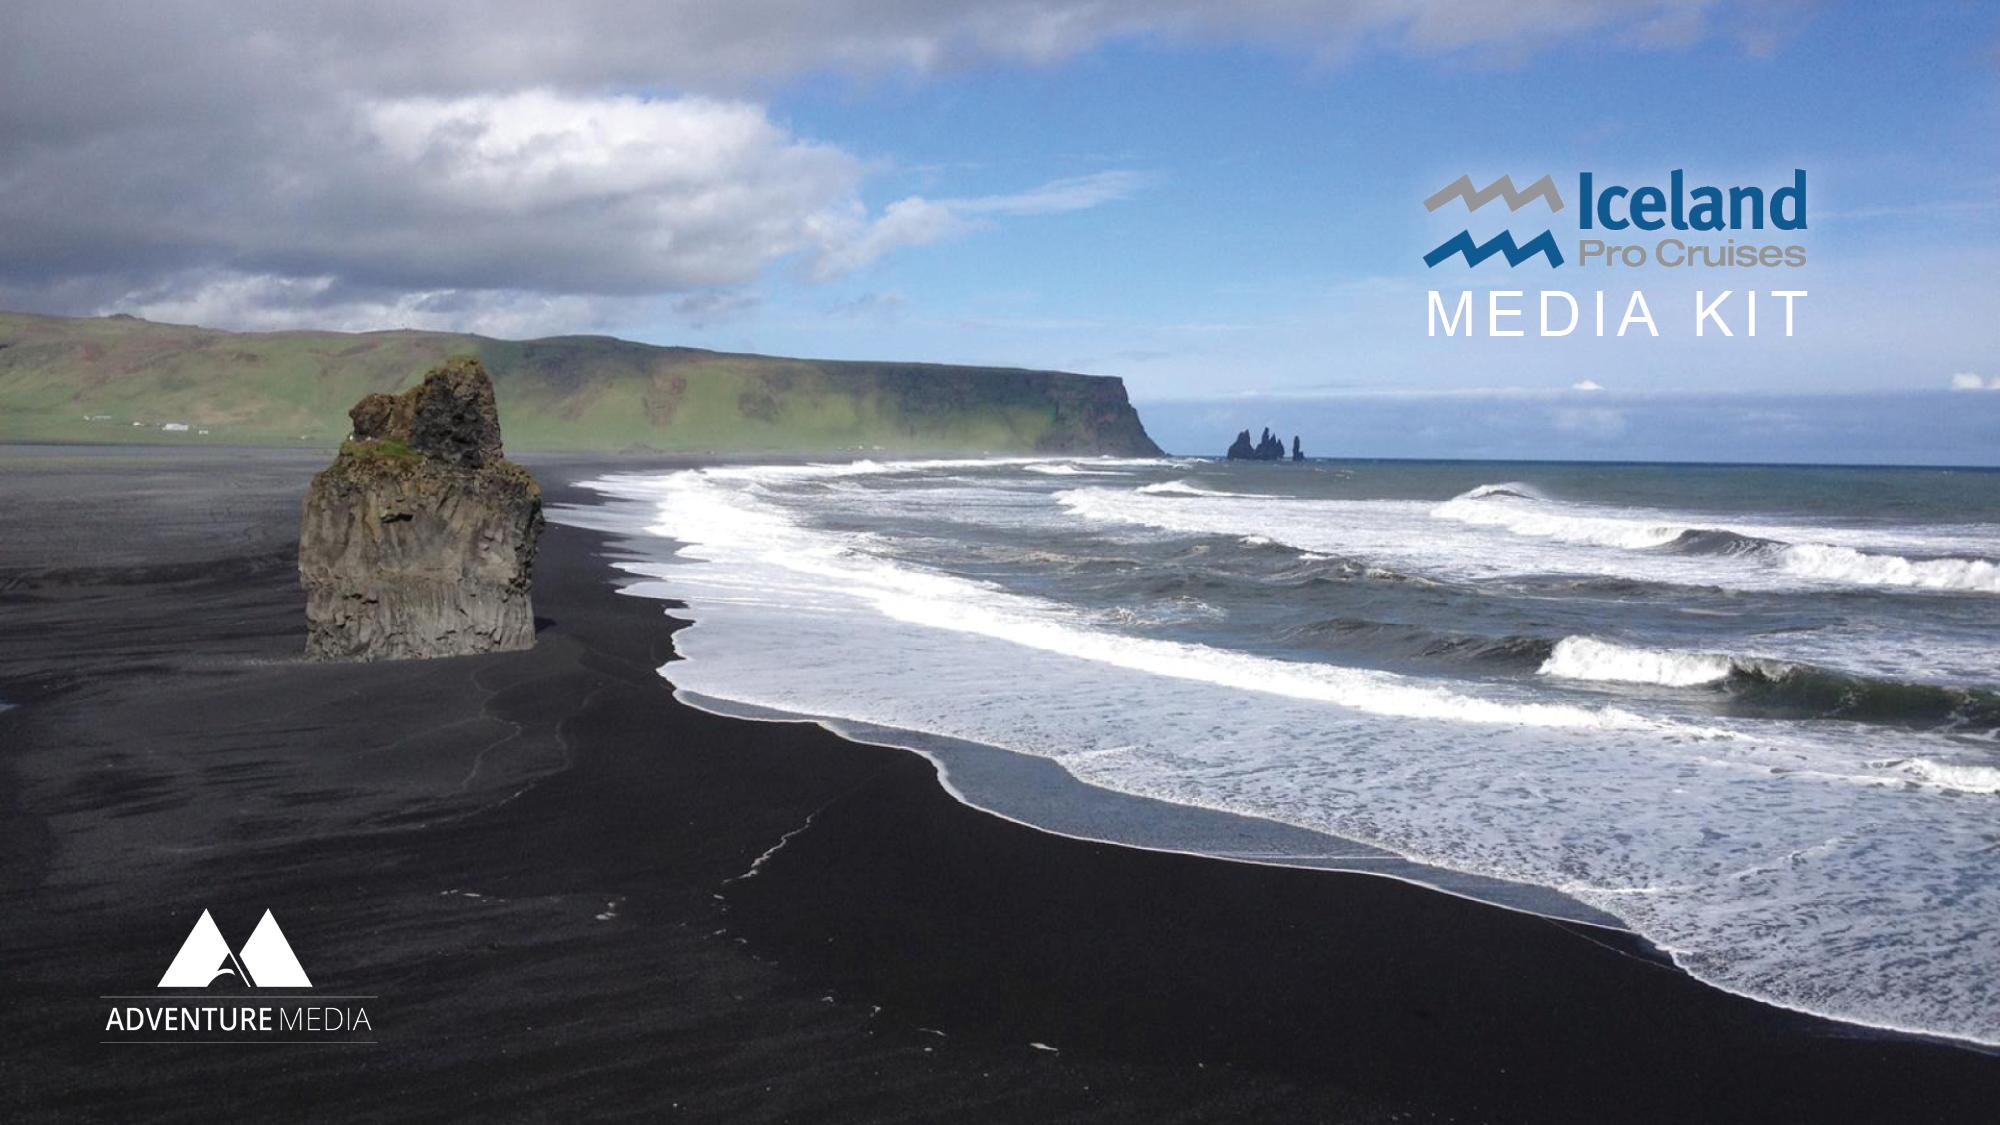 Iceland Pro Cruises Media Kit | Adventure Media